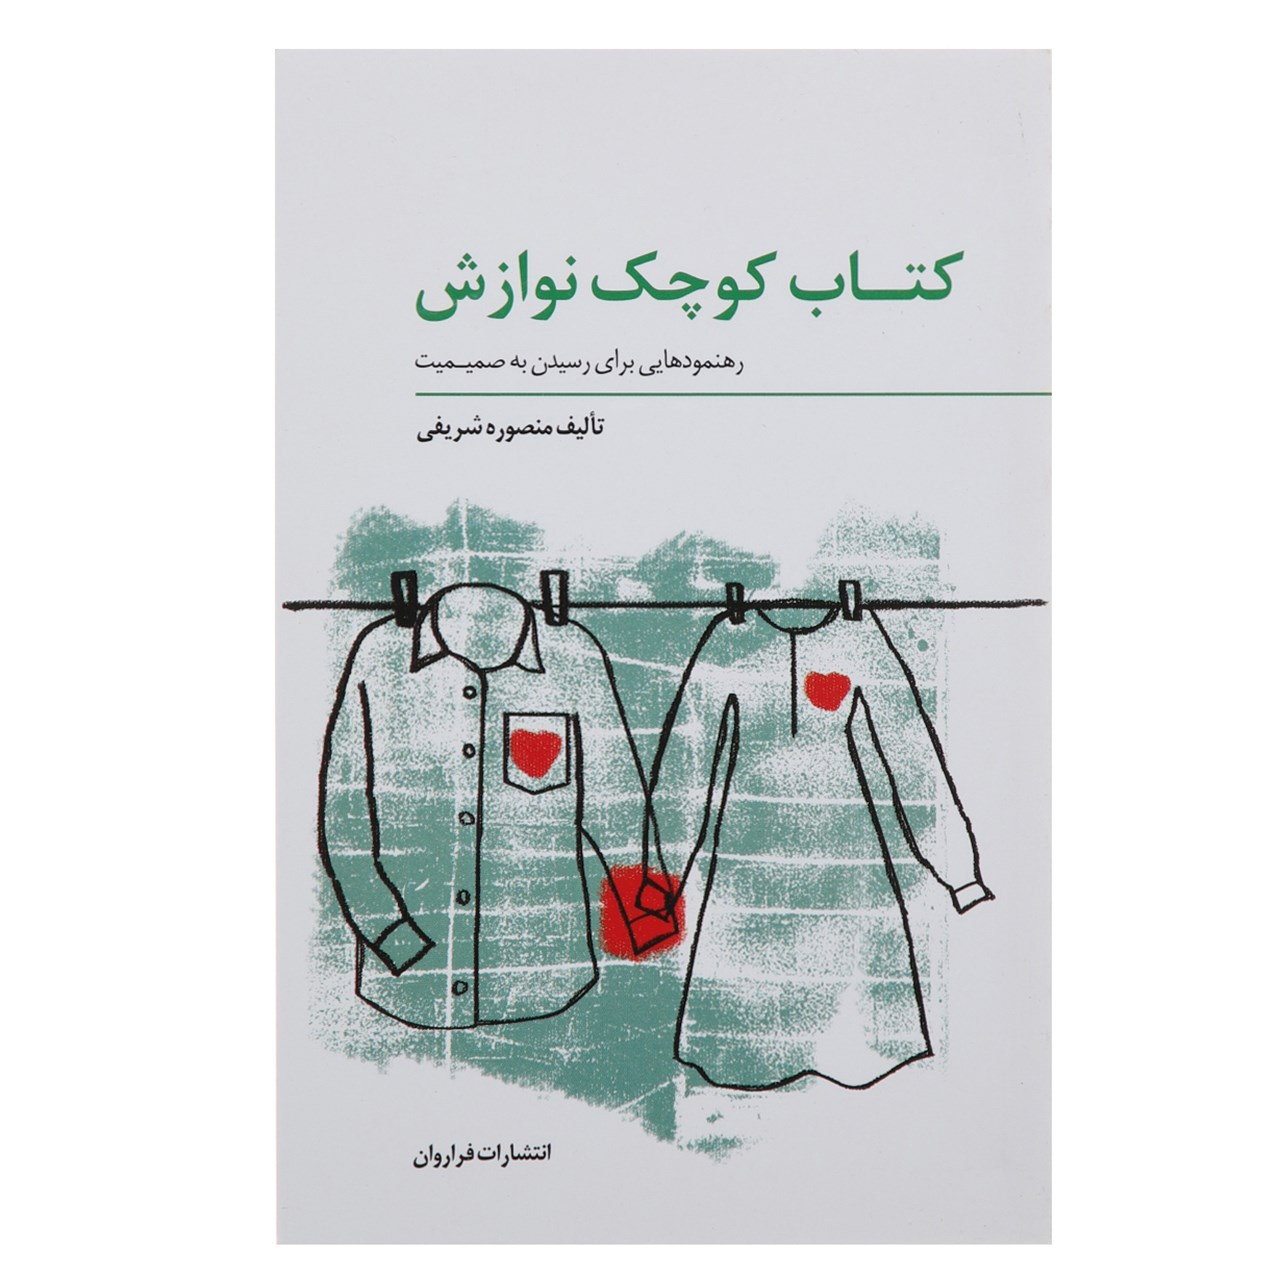 خرید                      کتاب کوچک نوازش اثر منصوره شریفی